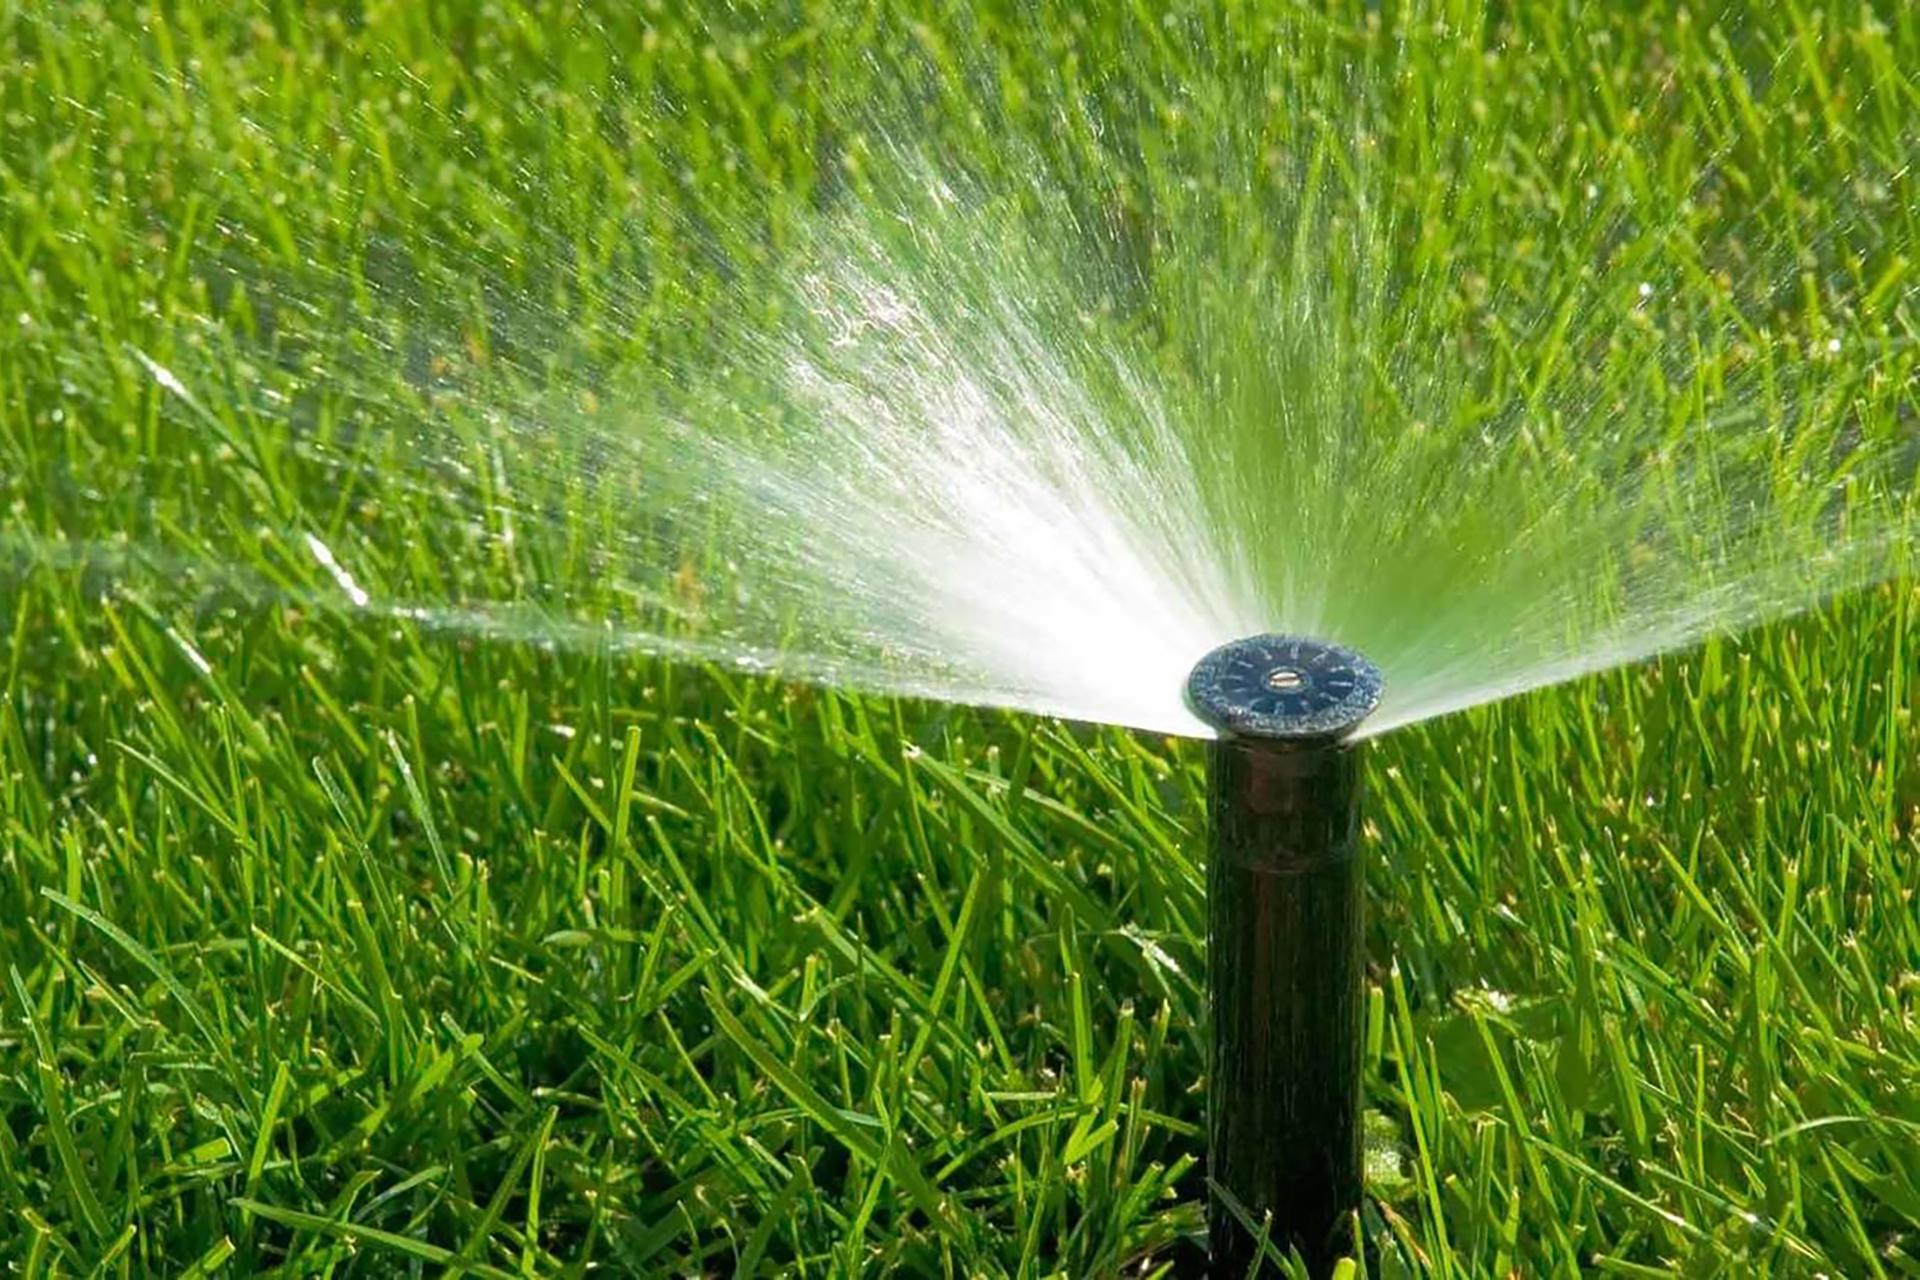 https://www.homesweethomelandscaping.com/sites/default/files/revslider/image/irrigation-system-new.jpg